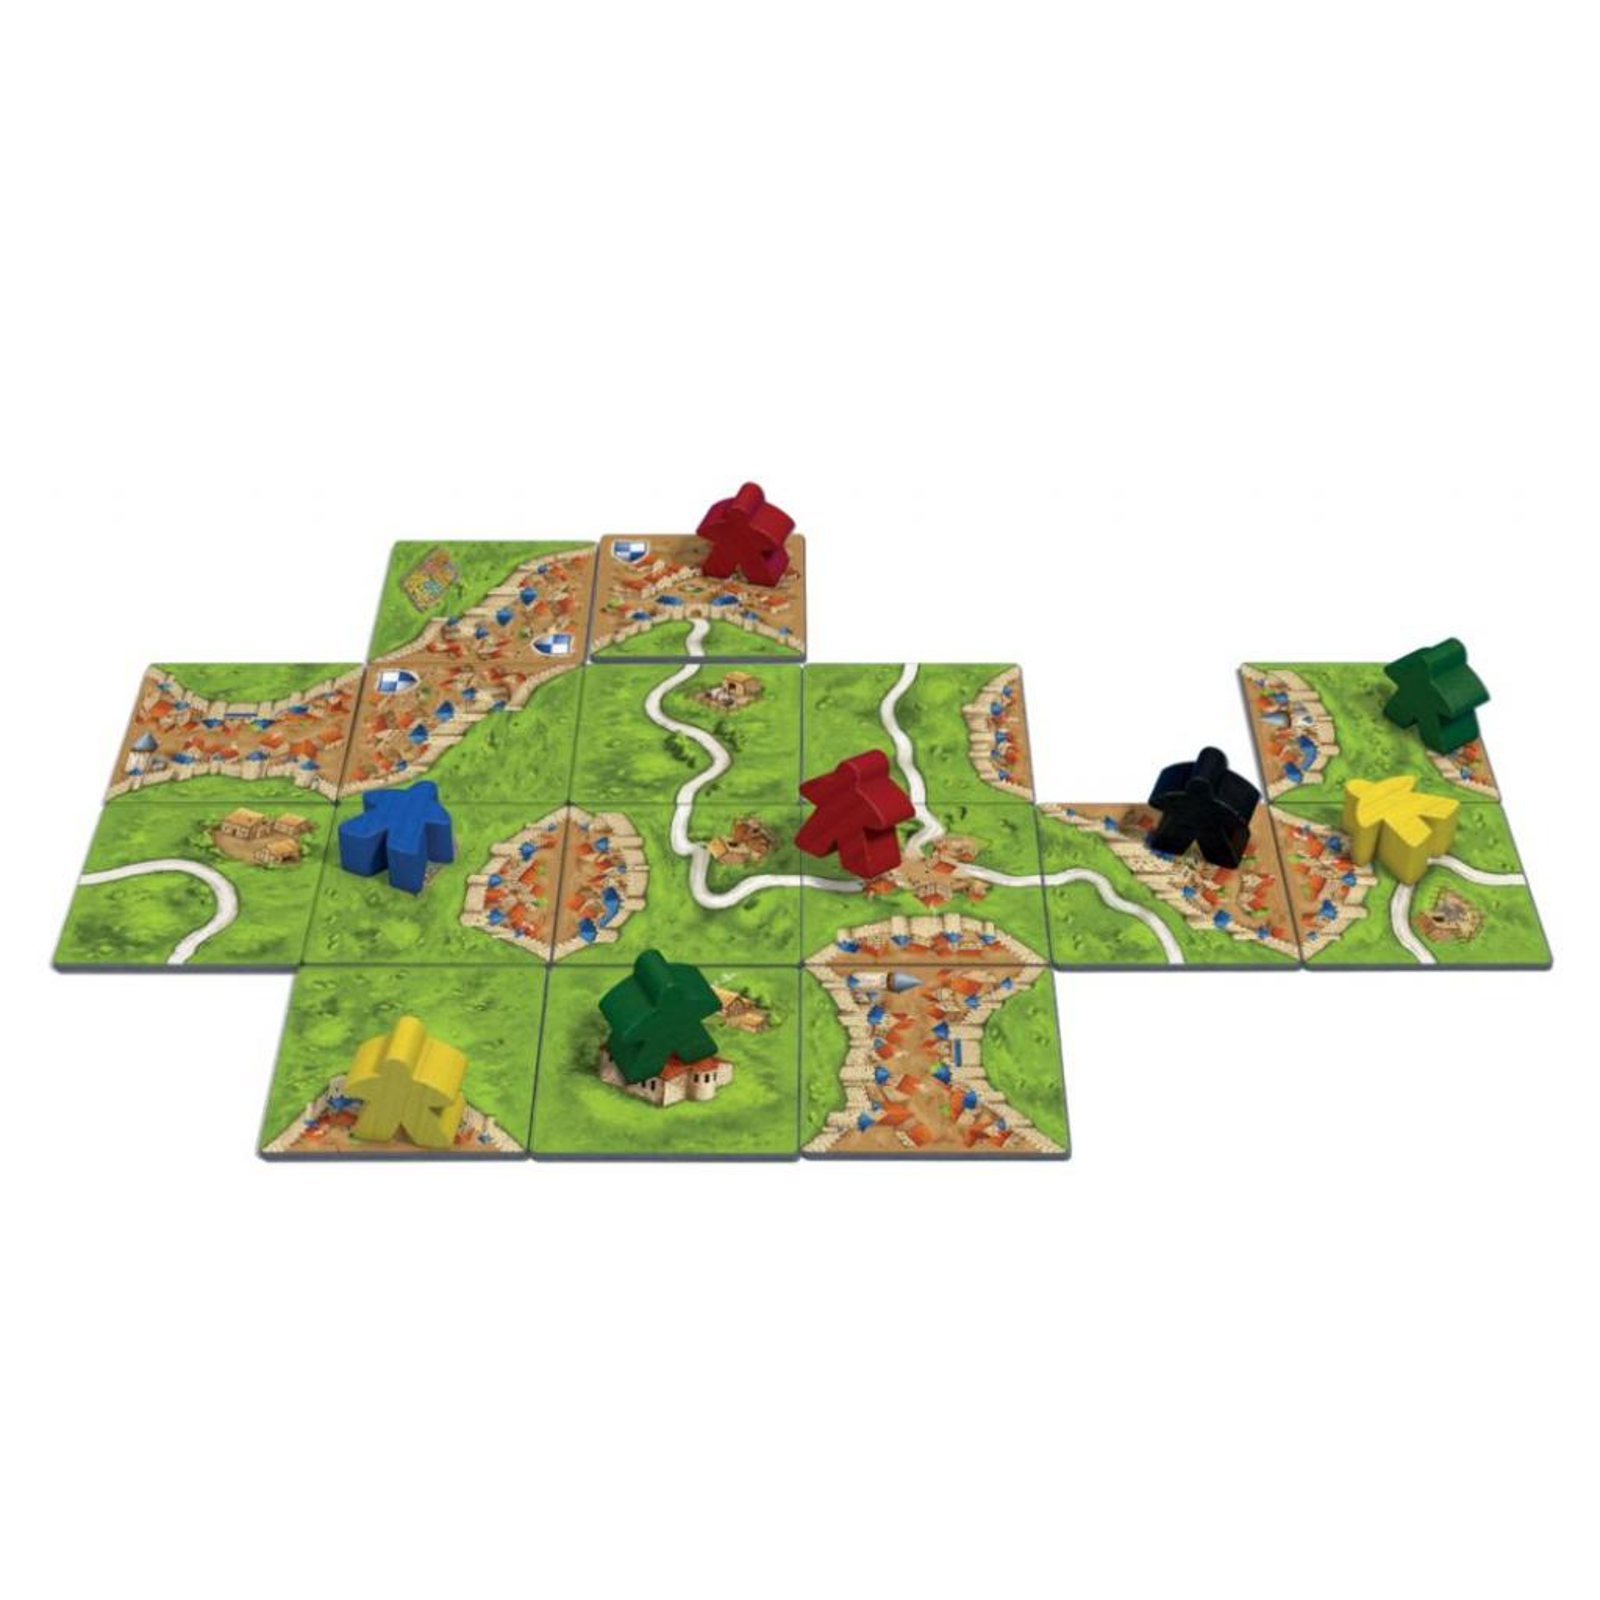 Настольная игра Hobby World Каркассон (2019) (915138) изображение 3